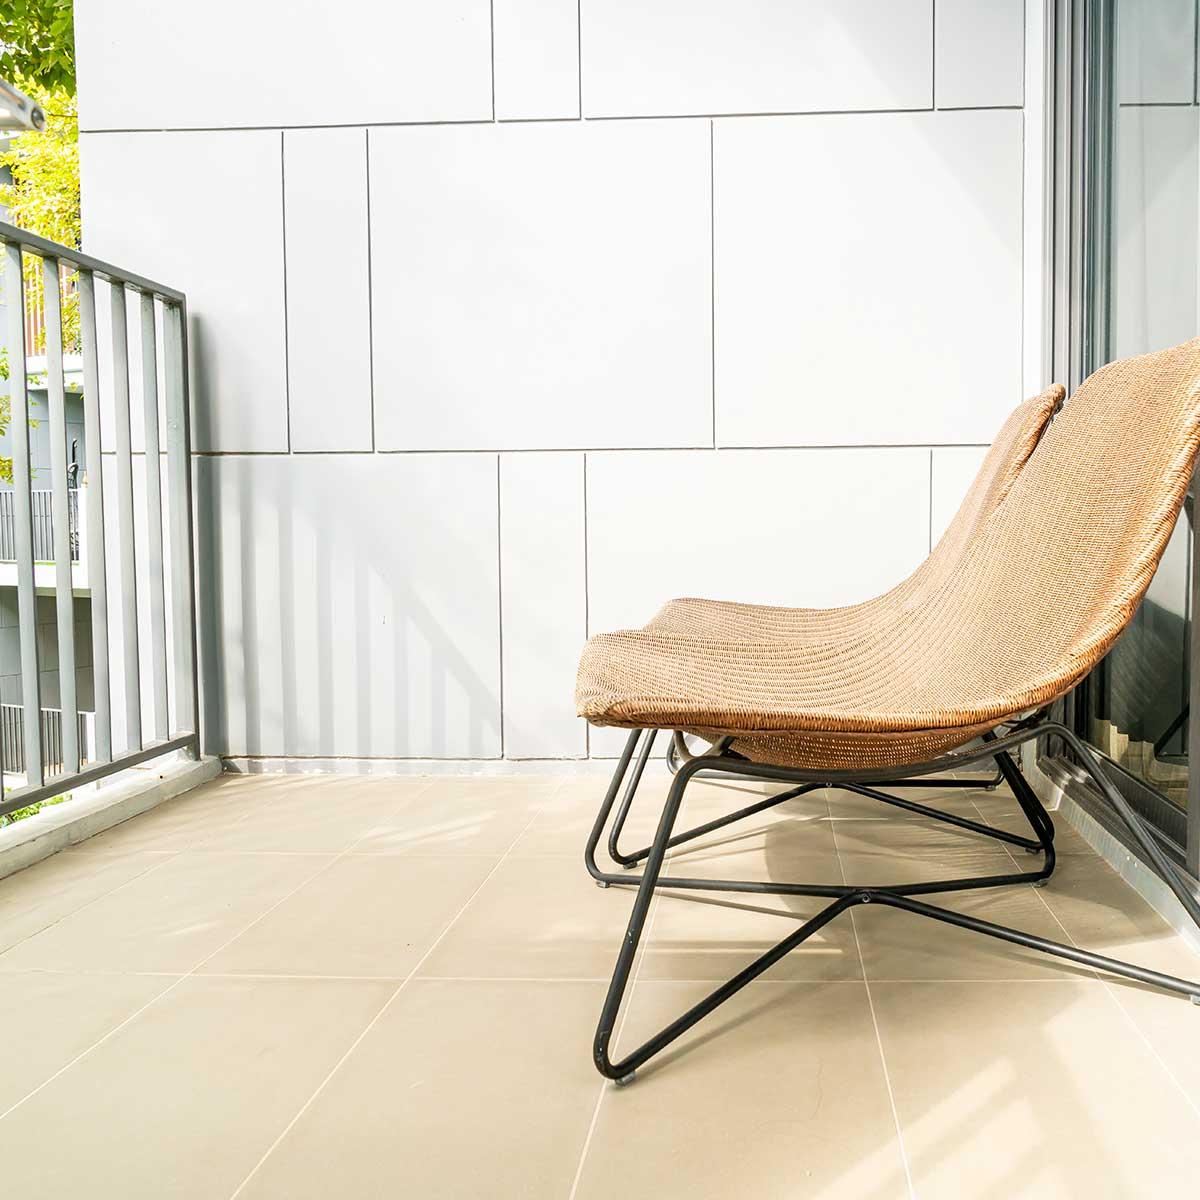 Consejos para la impermeabilización de terrazas, balcones y cubiertas